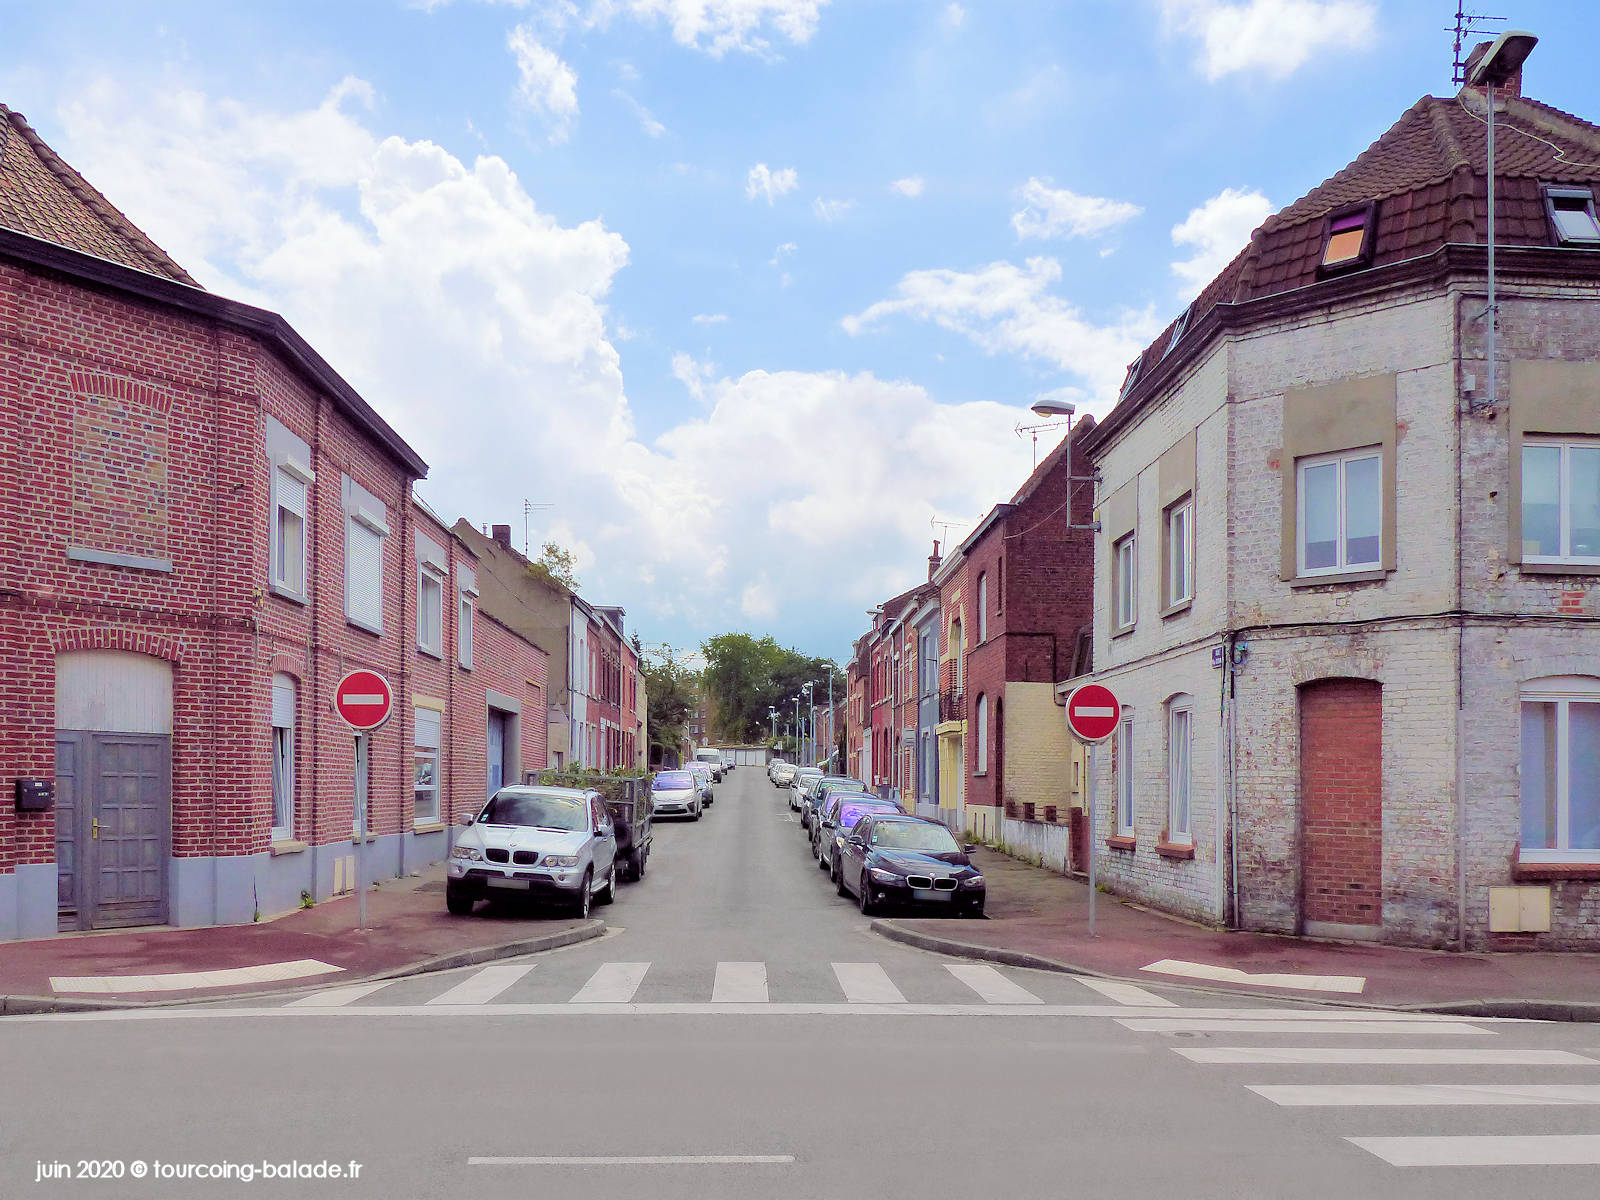 Rue Mac Donald, Tourcoing, 2020